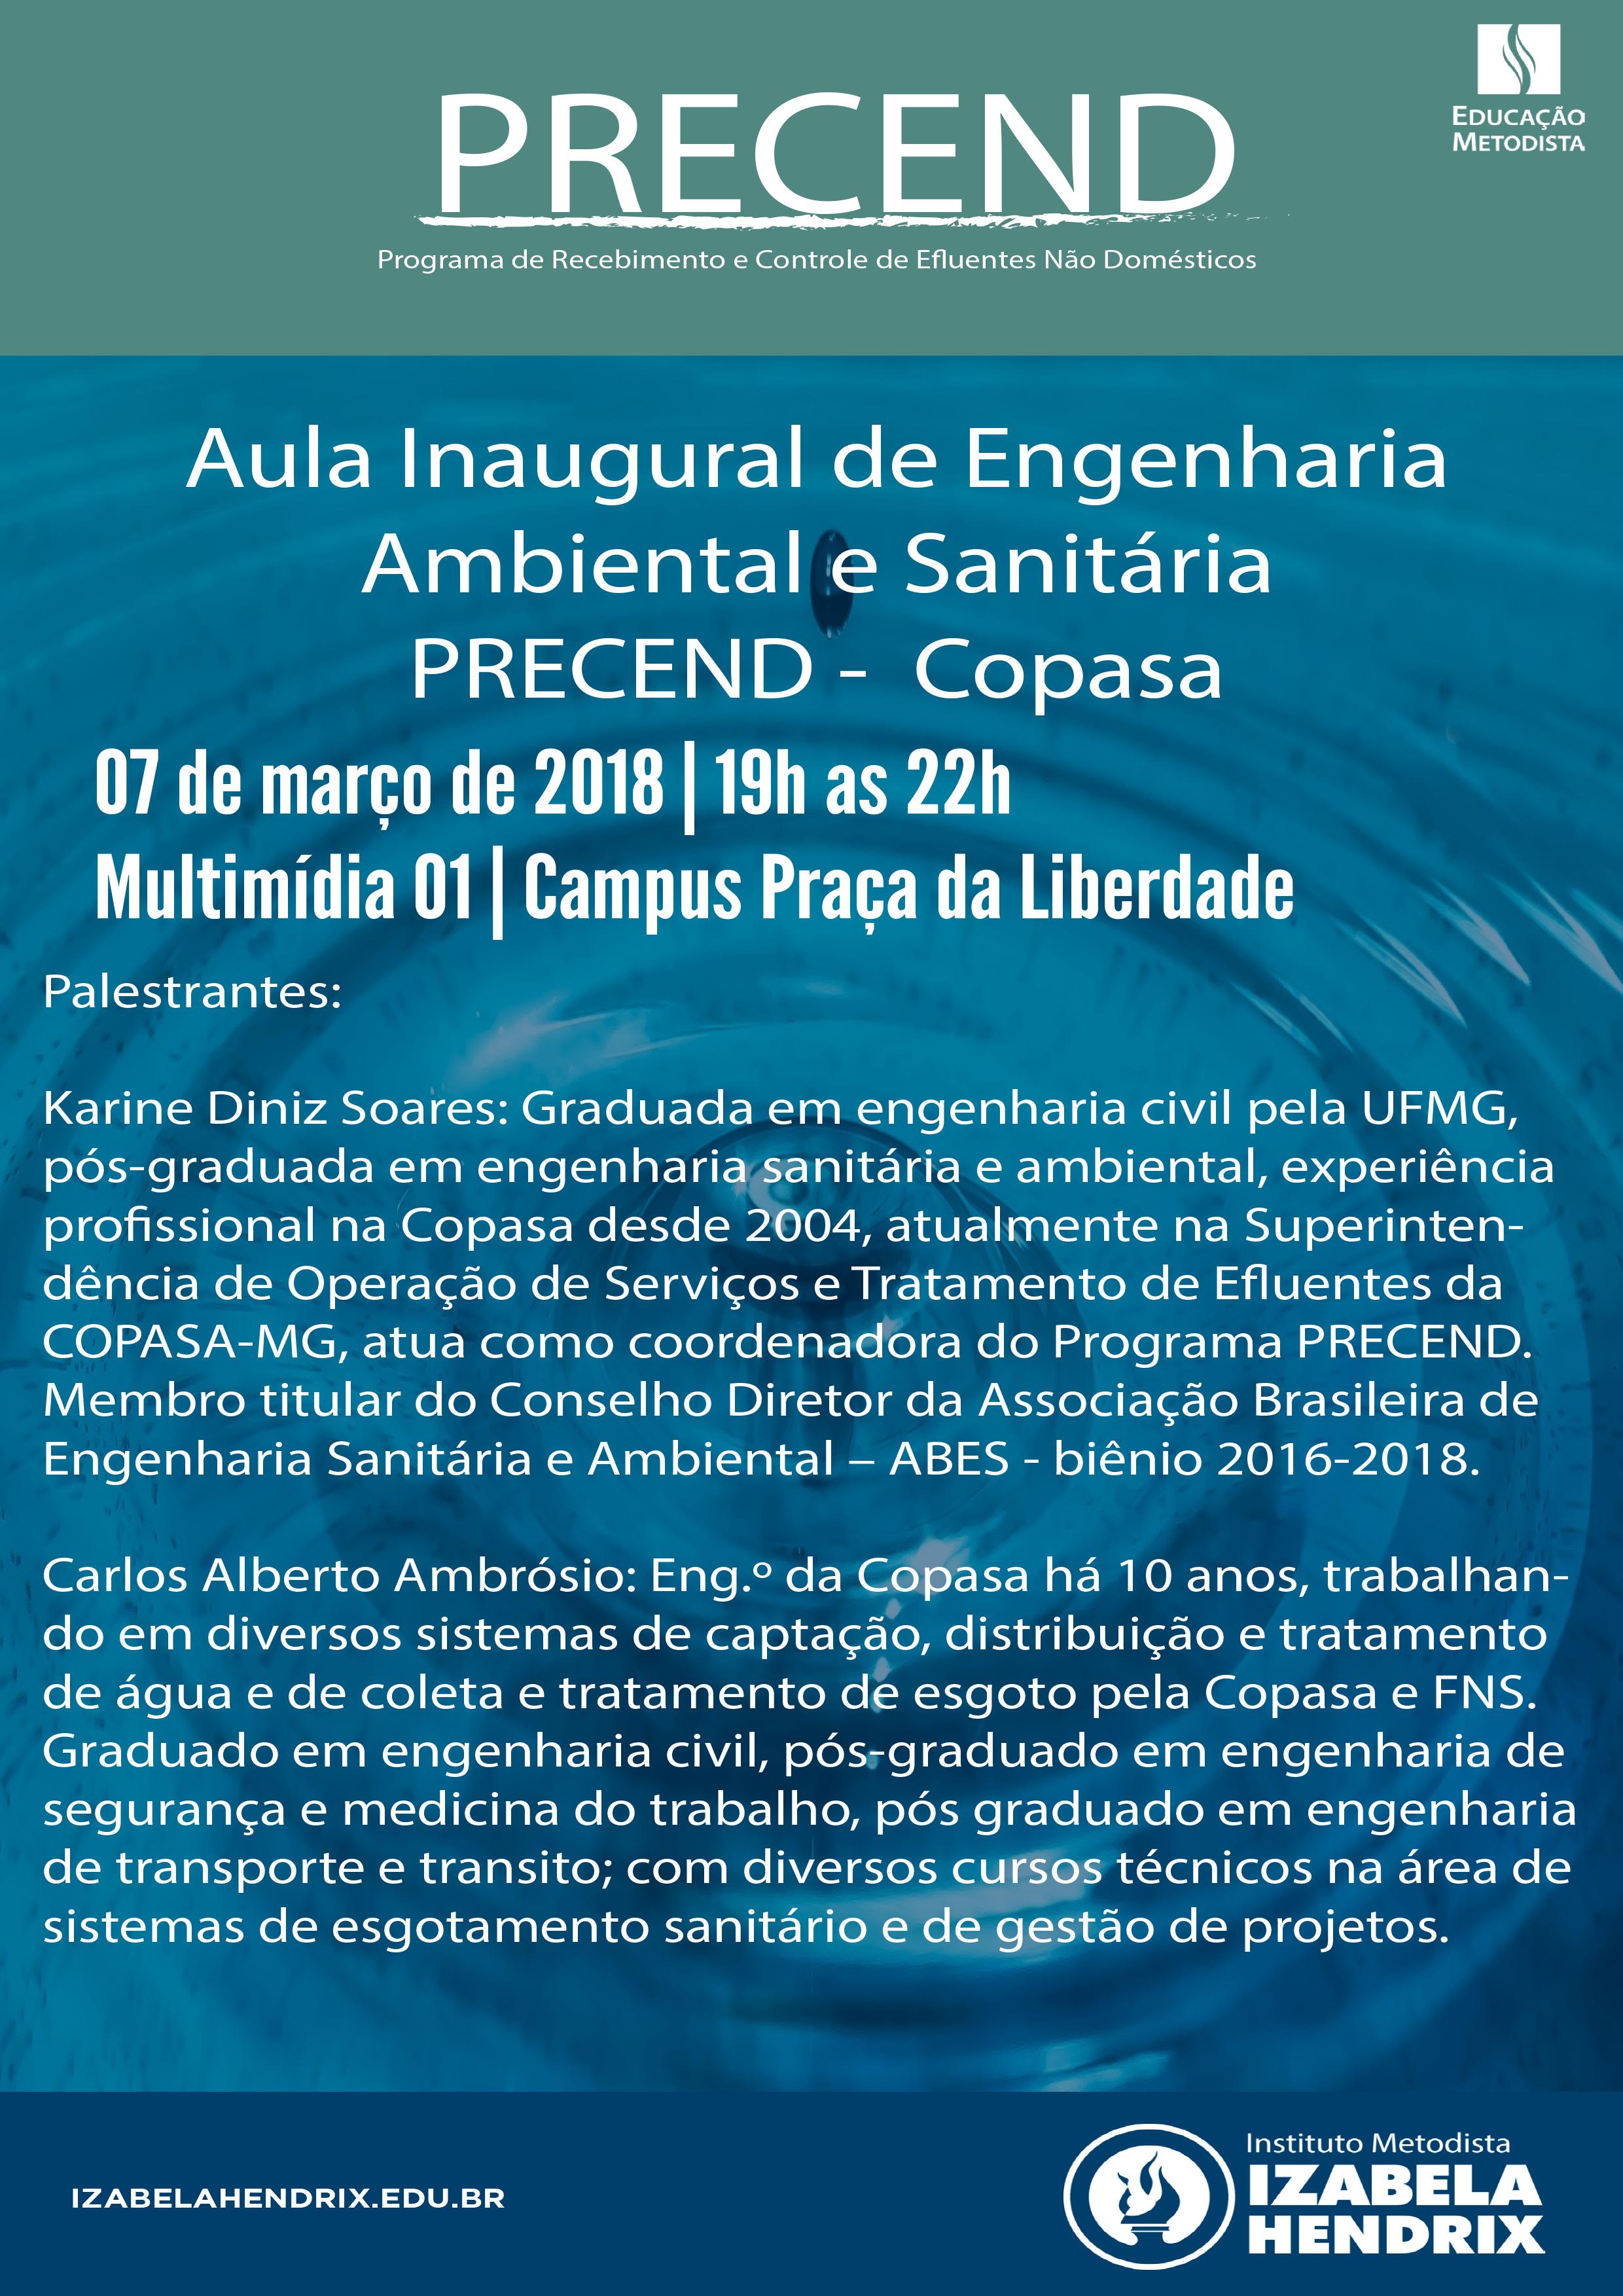 Precend Copasa0 (5).png